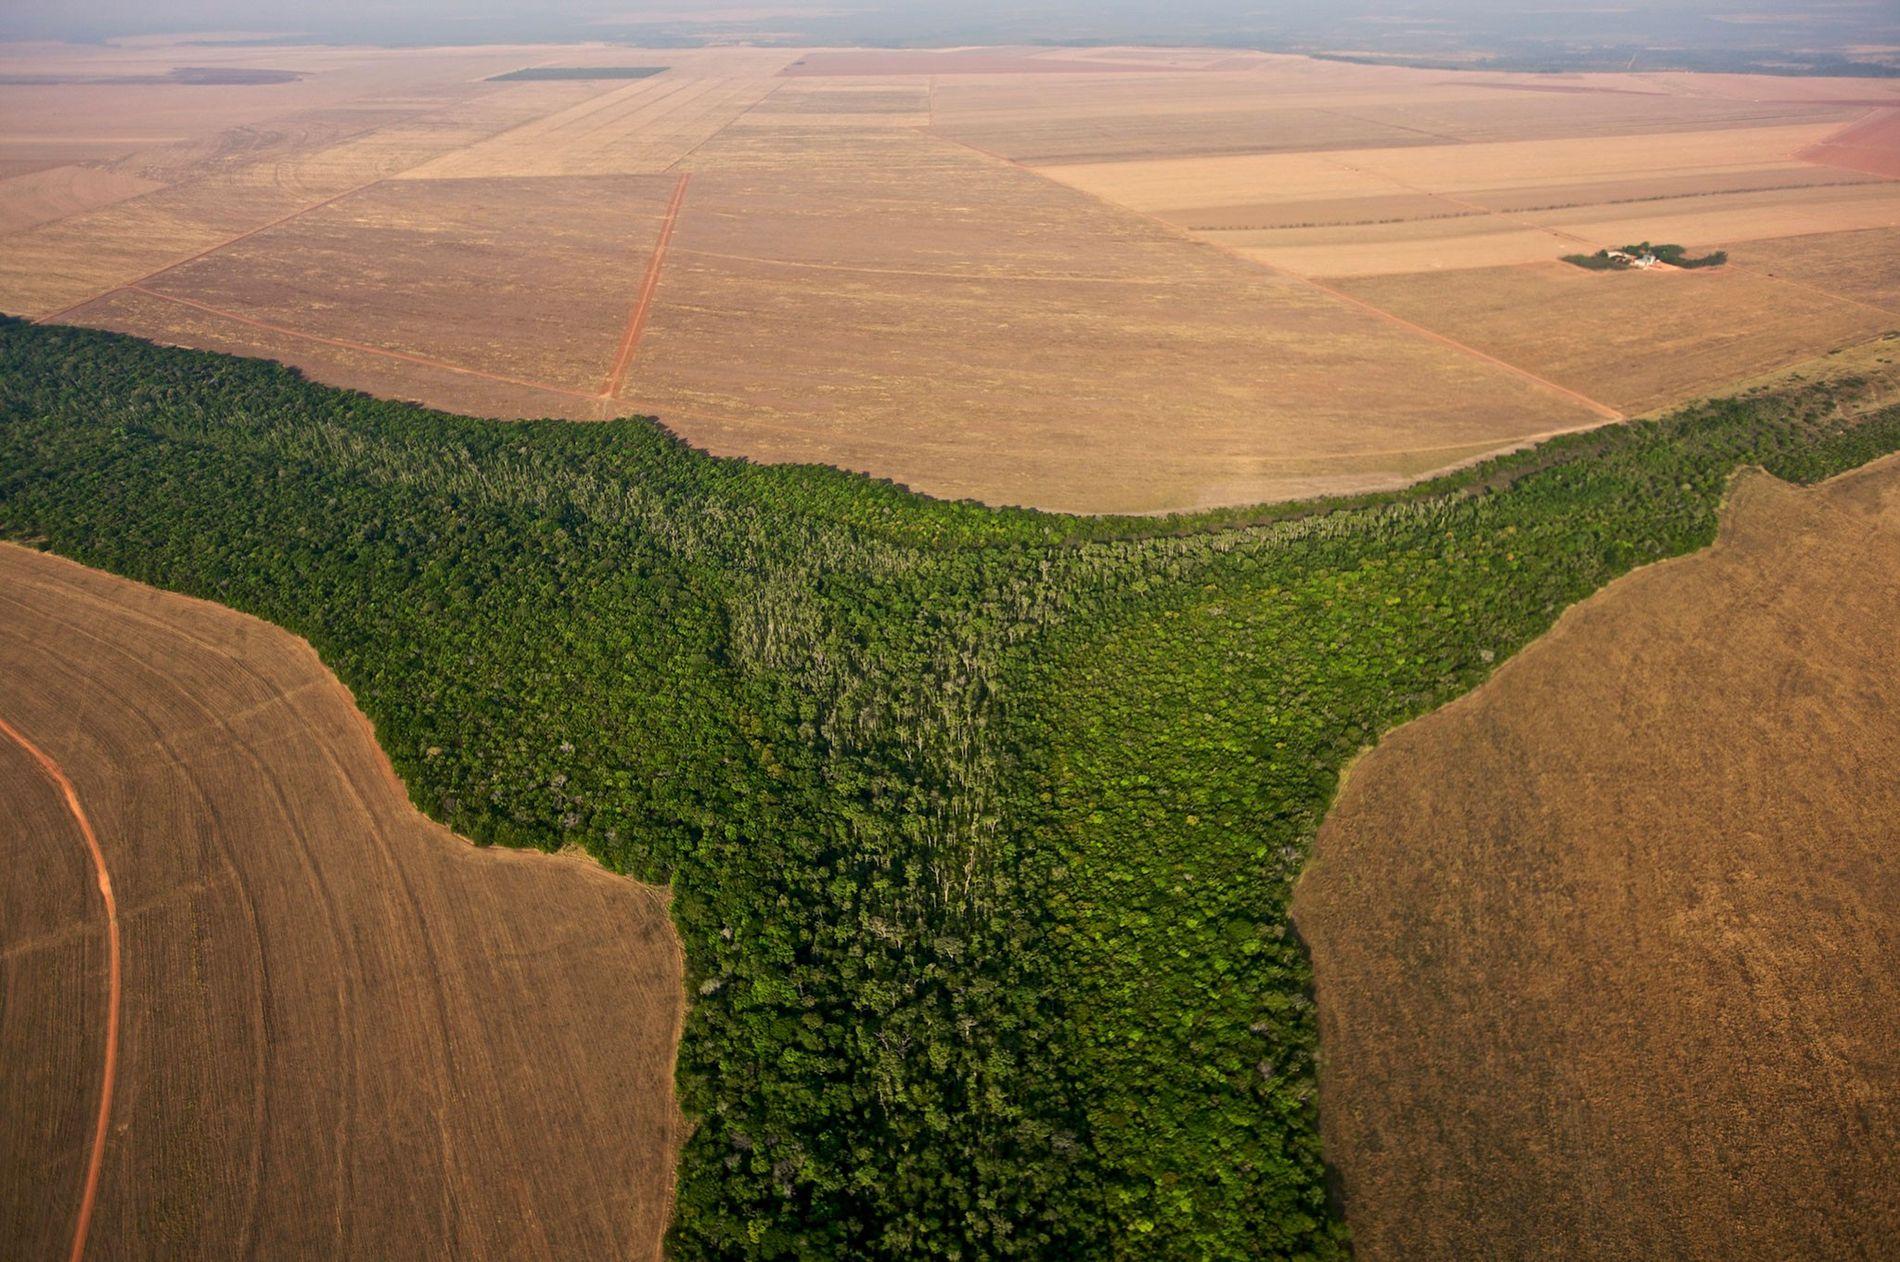 Brasilien ist einem Bericht des Weltklimarats zufolge eines der Länder, in denen die Abholzung der Wälder eingeschränkt werden muss, um die globale Erwärmung zu verlangsamen.